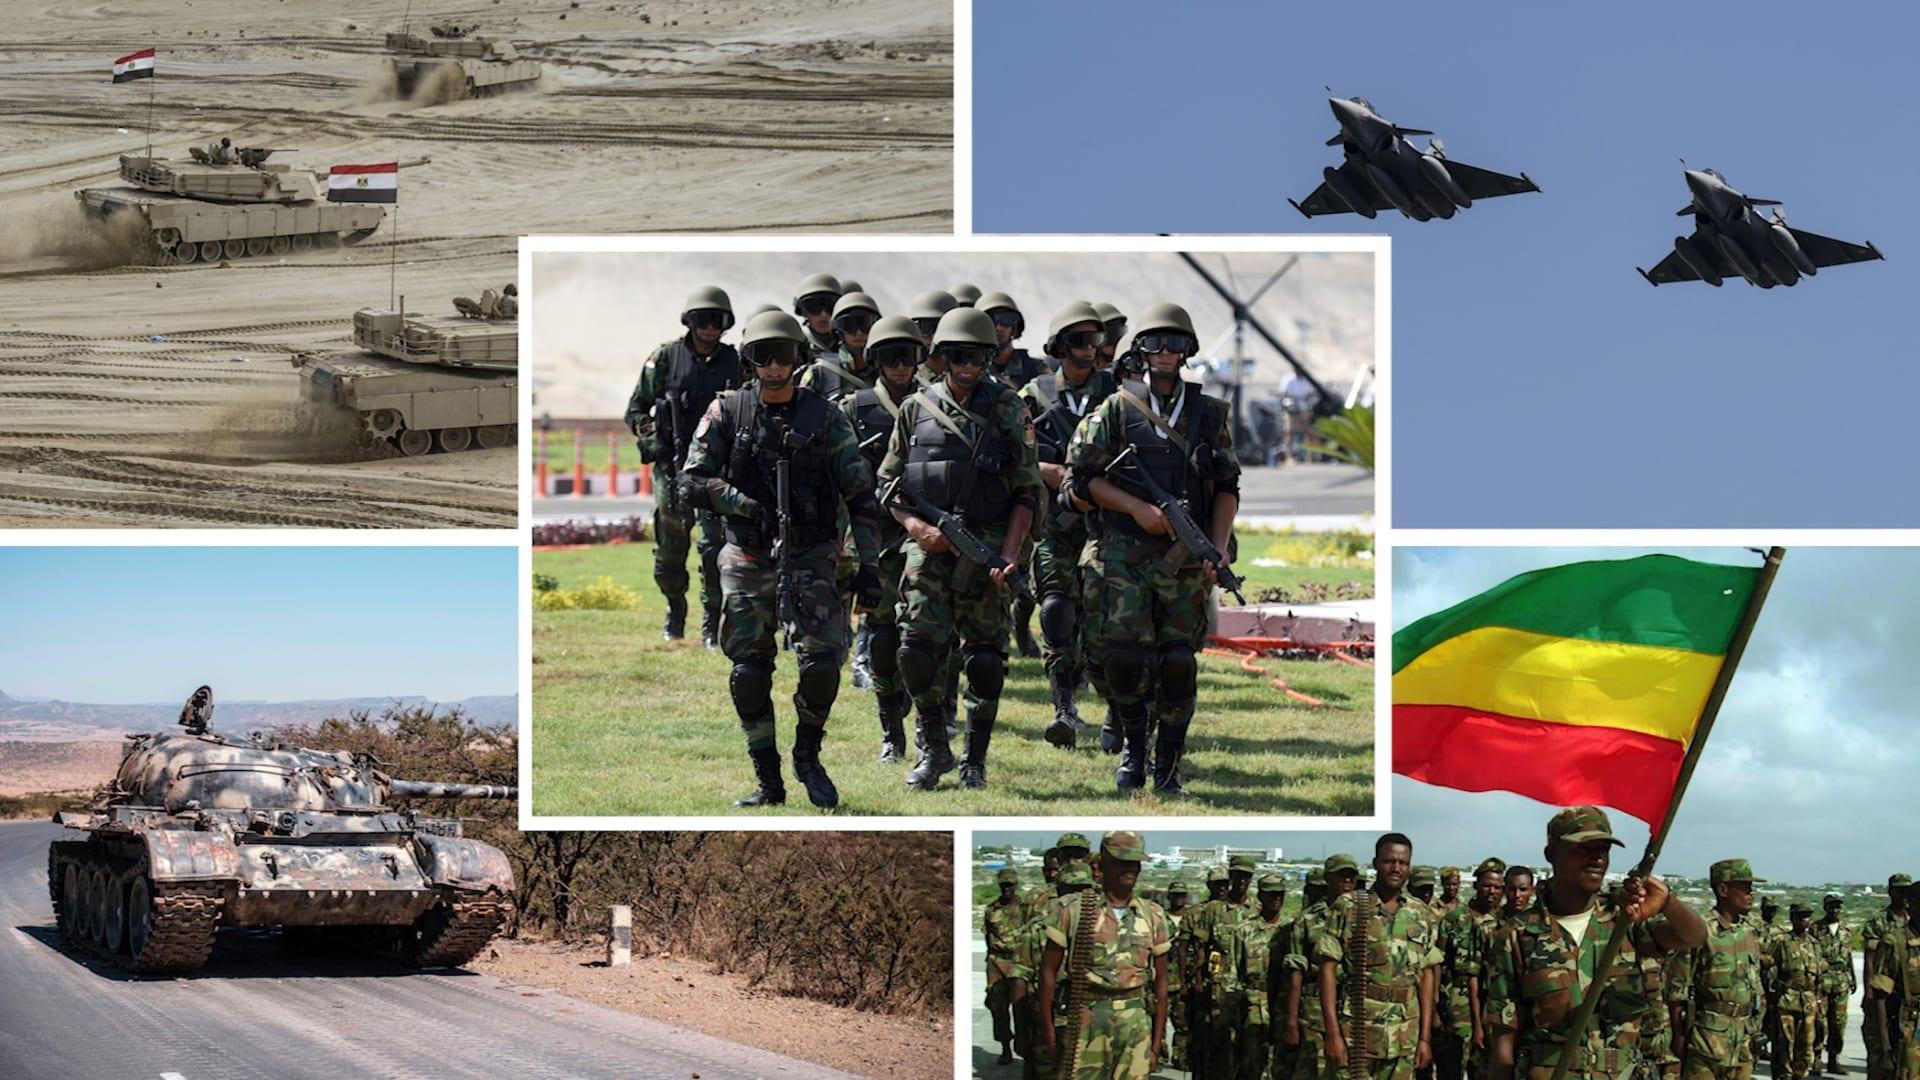 مقارنة بين الجيش المصري ونظيره الأثيوبي وفق إحصائية 2021